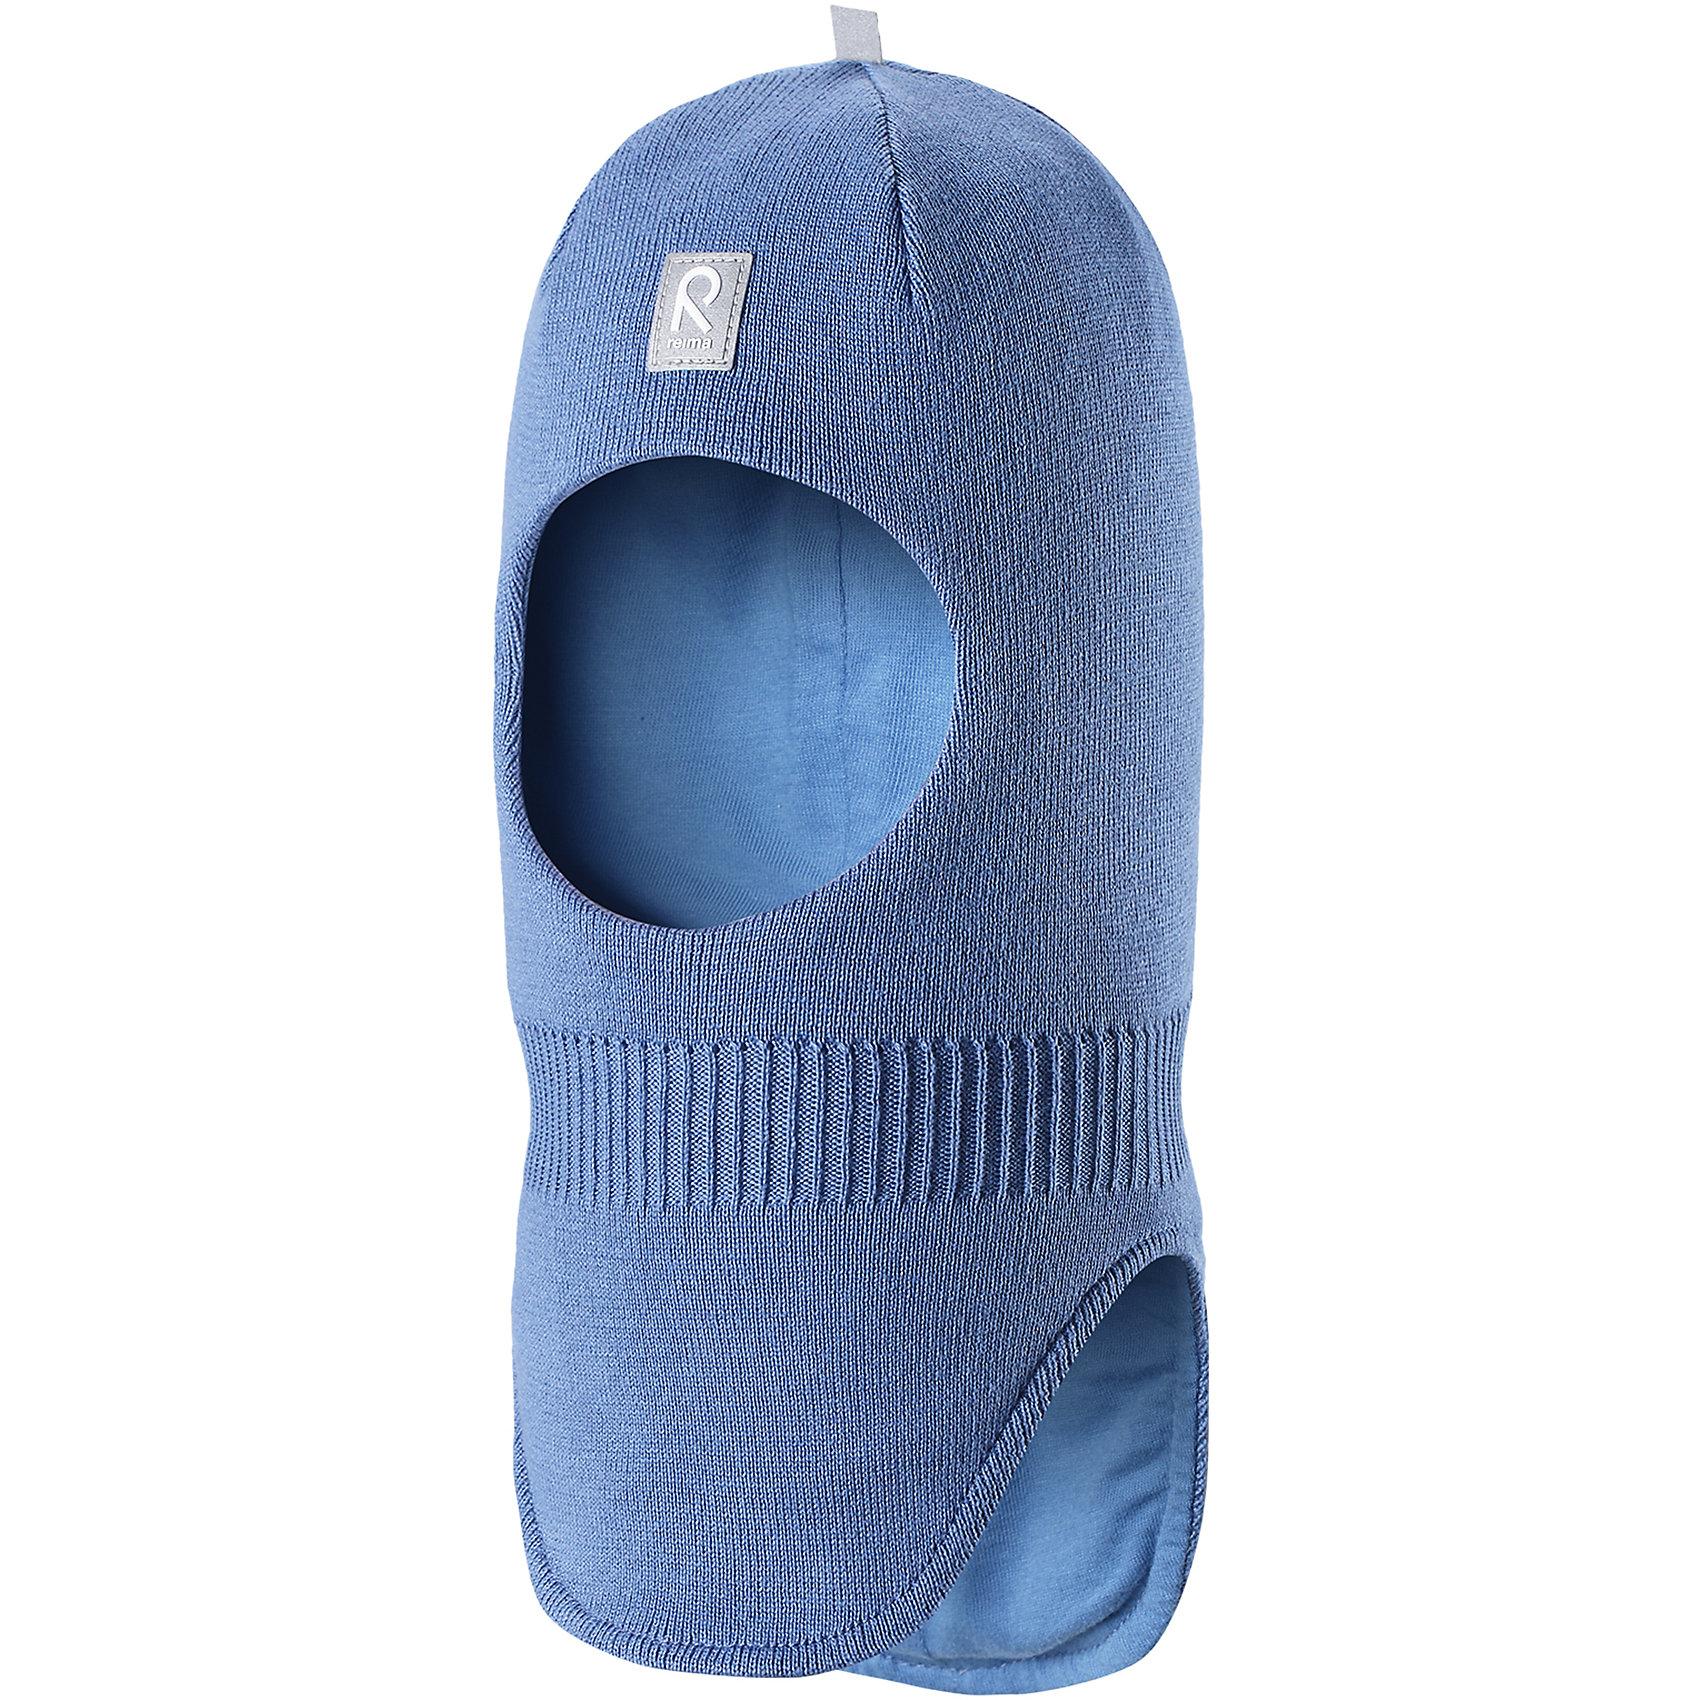 Шапка-шлем ReimaШапка-шлем от финского бренда Reima.<br>Шапка-шлем для детей и малышей. Эластичная хлопчатобумажная ткань. Товар сертифицирован Oeko-Tex, класс 1, одежда для малышей. Сплошная подкладка: гладкий хлопковый трикотаж. Логотип Reima® спереди. Узор из цветных полос.<br>Состав:<br>100% Хлопок<br><br>Уход:<br>Стирать по отдельности, вывернув наизнанку. Придать первоначальную форму вo влажном виде. Возможна усадка 5 %.<br><br>Ширина мм: 89<br>Глубина мм: 117<br>Высота мм: 44<br>Вес г: 155<br>Цвет: синий<br>Возраст от месяцев: 6<br>Возраст до месяцев: 9<br>Пол: Унисекс<br>Возраст: Детский<br>Размер: 46,52,48,50<br>SKU: 5271060